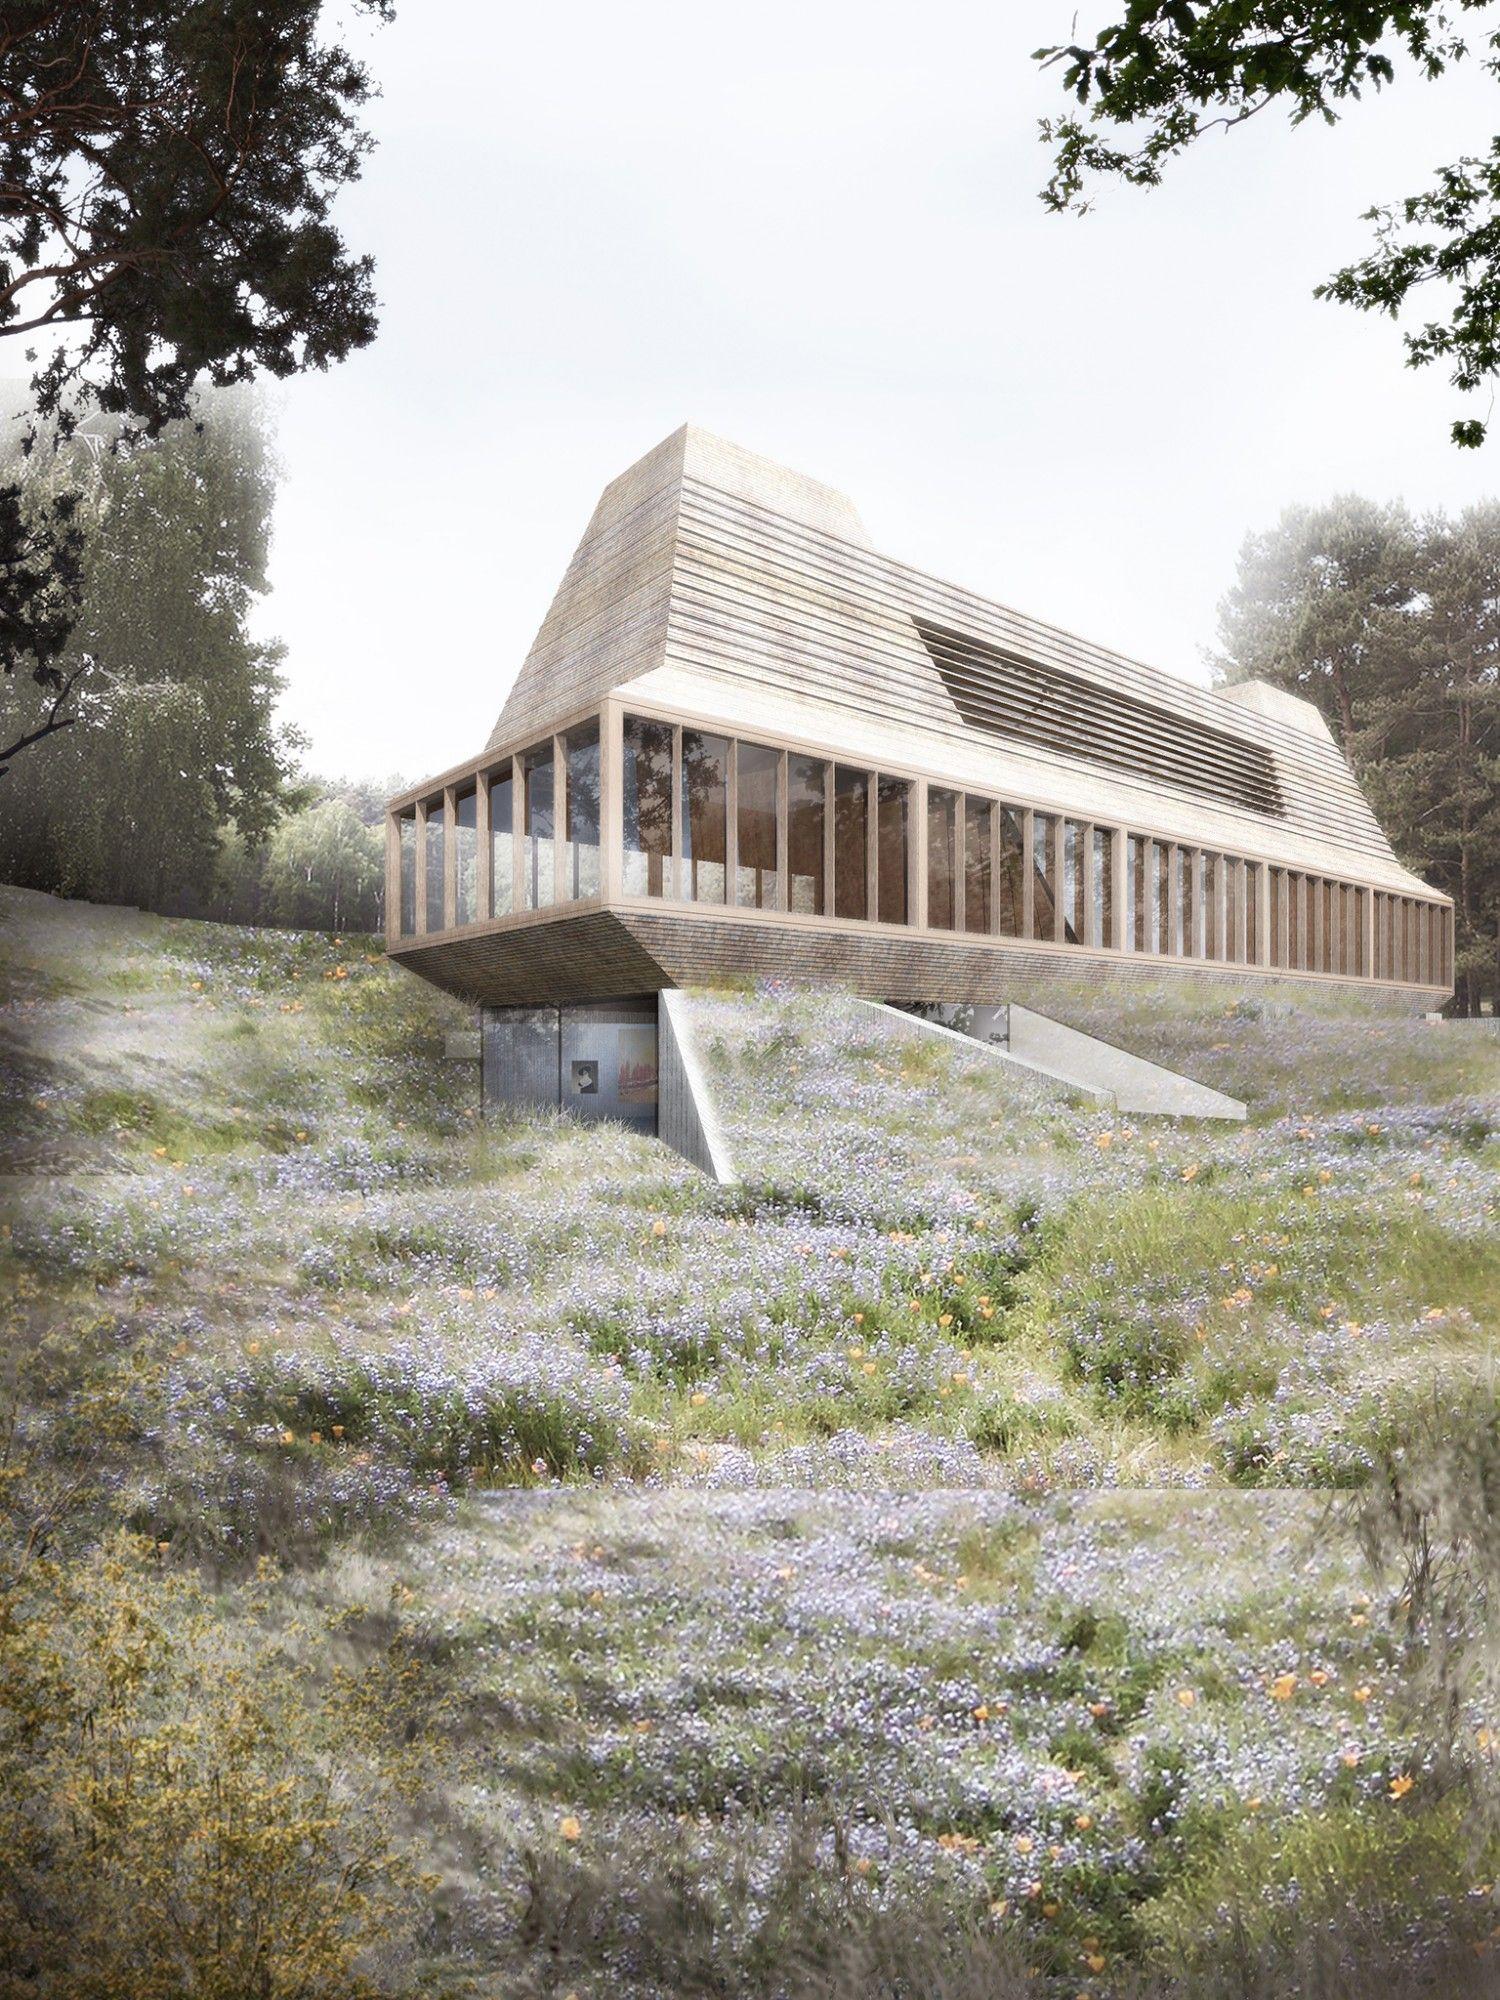 Minimalistische architektur wiener wald von thomas for Minimalismus architektur